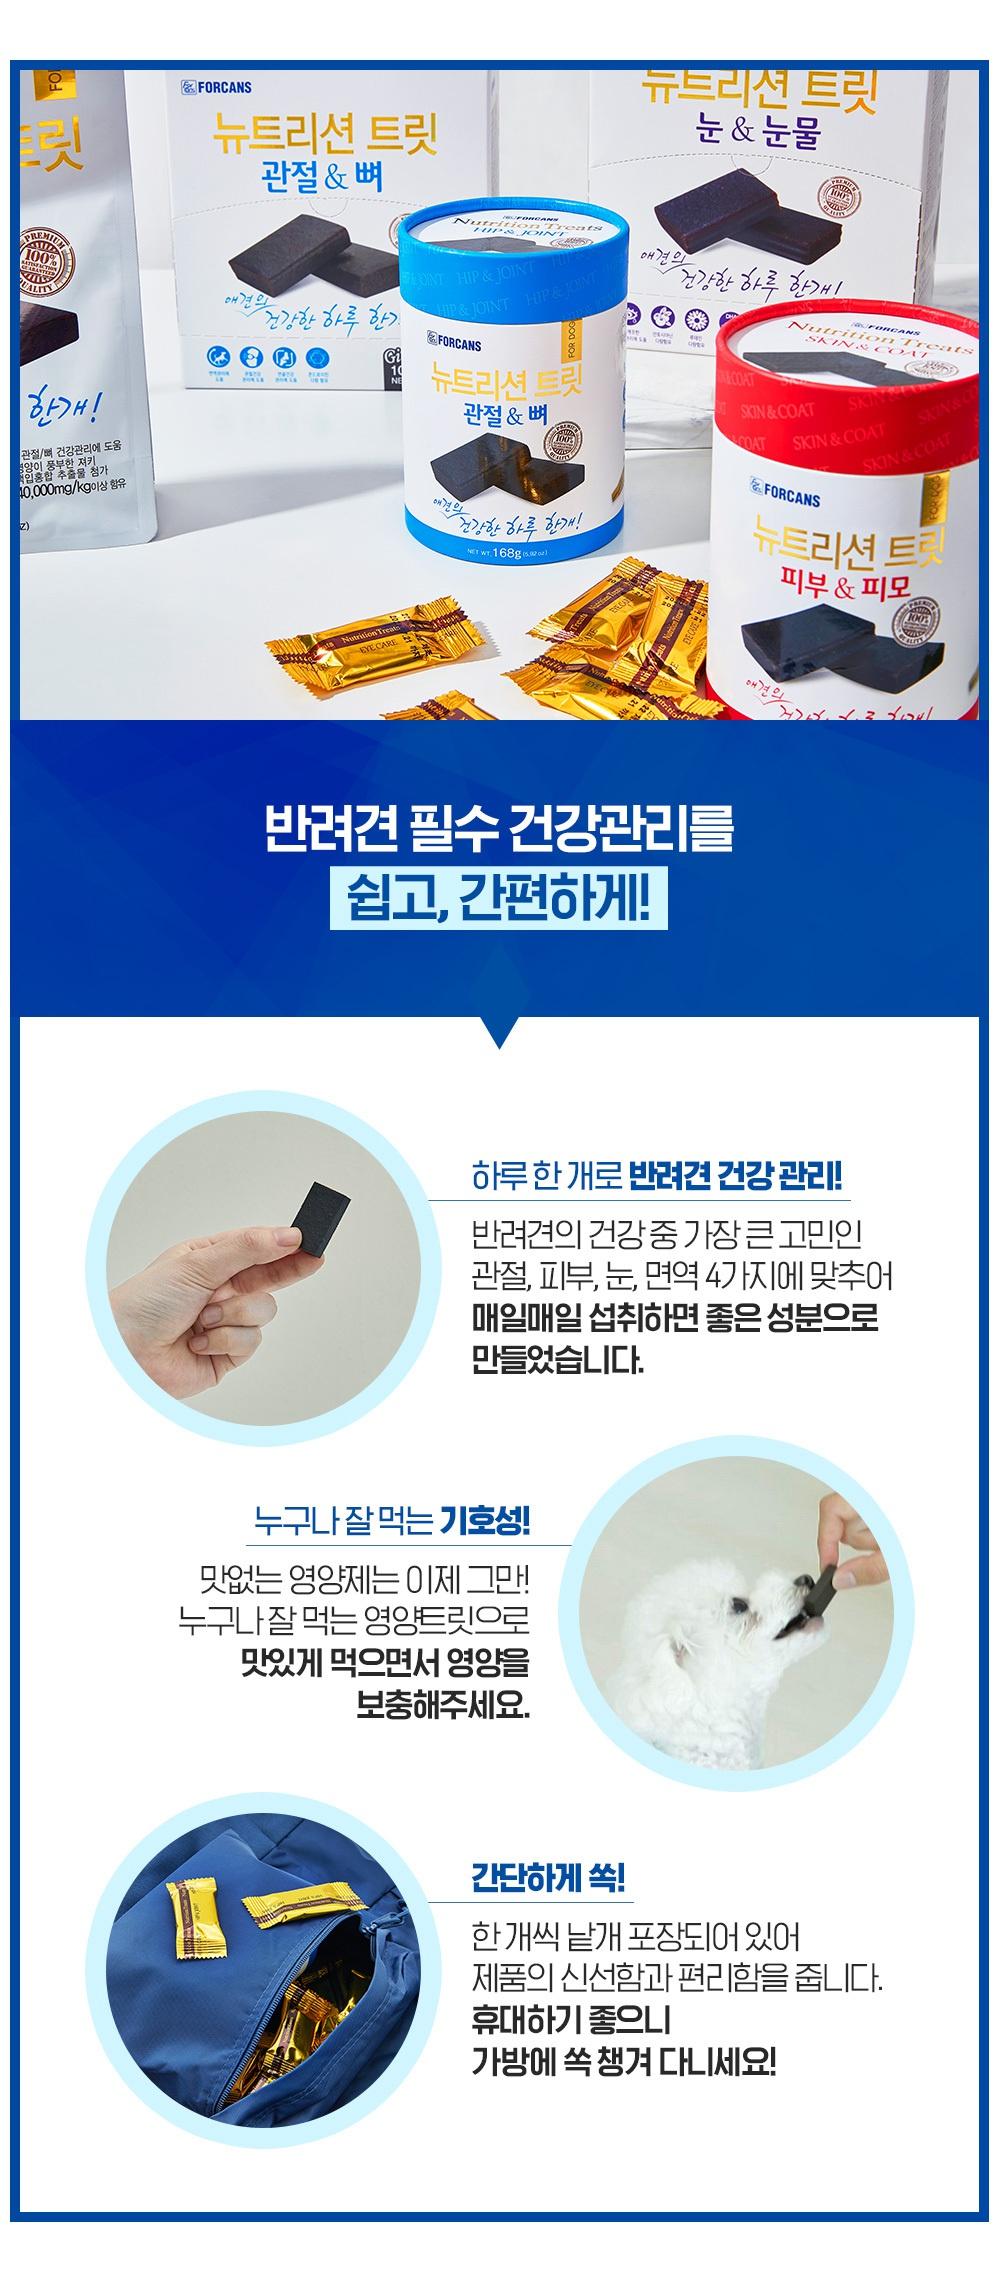 [오구오구특가]반려견 영양제 포켄스 뉴트리션 트릿 면역/영양 (2개세트)-상품이미지-7